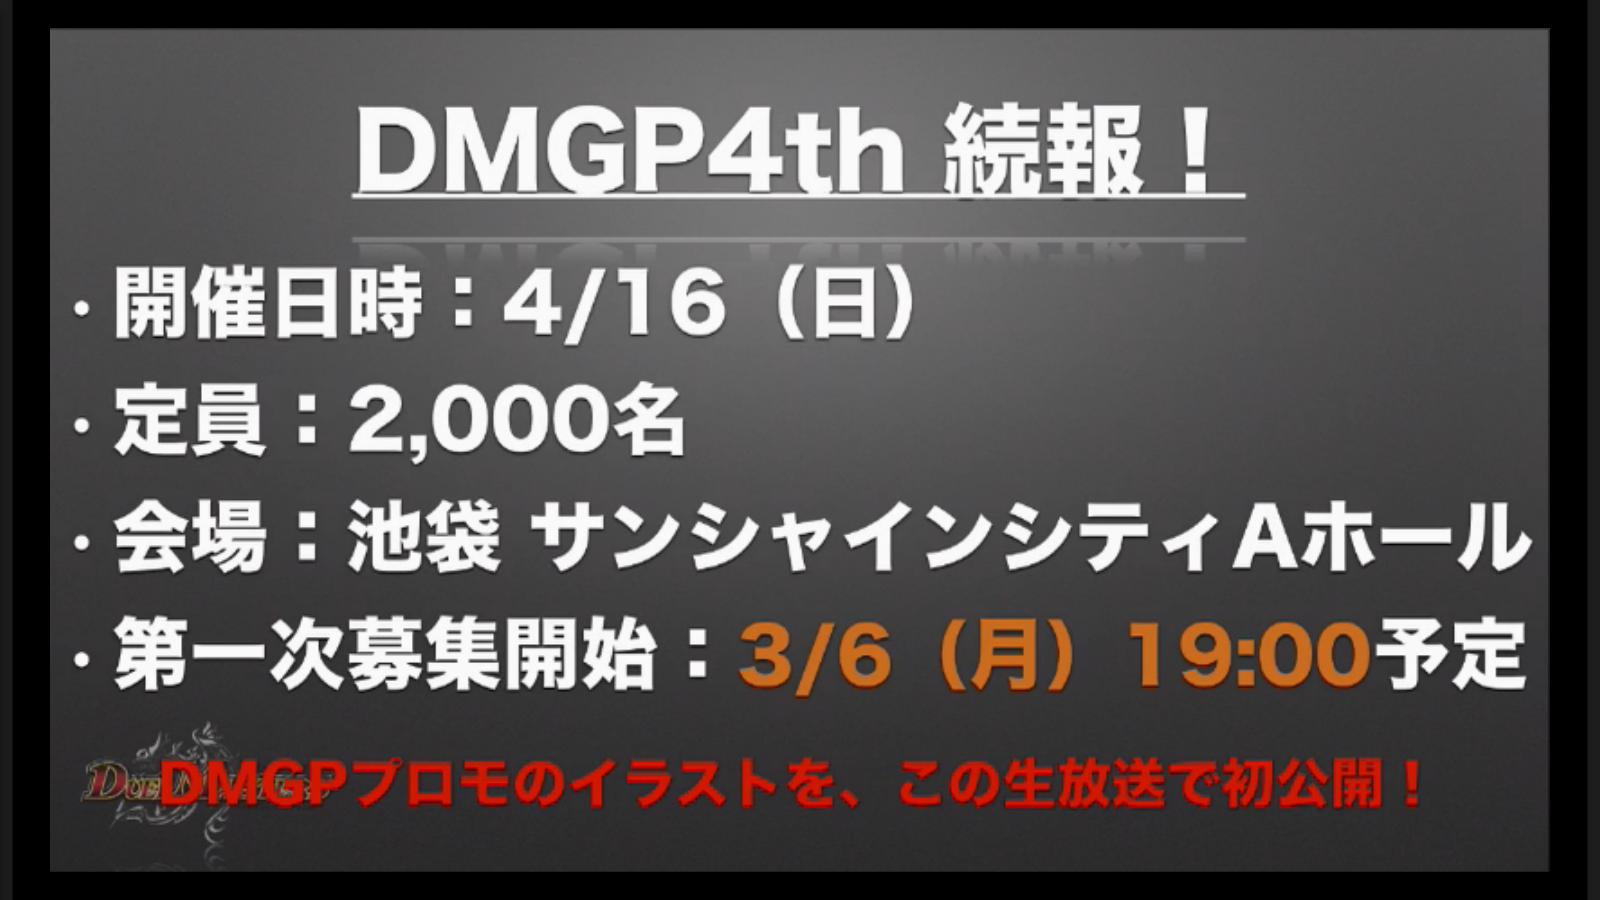 dm-kakumei-finalcup-news-170226-100.jpg